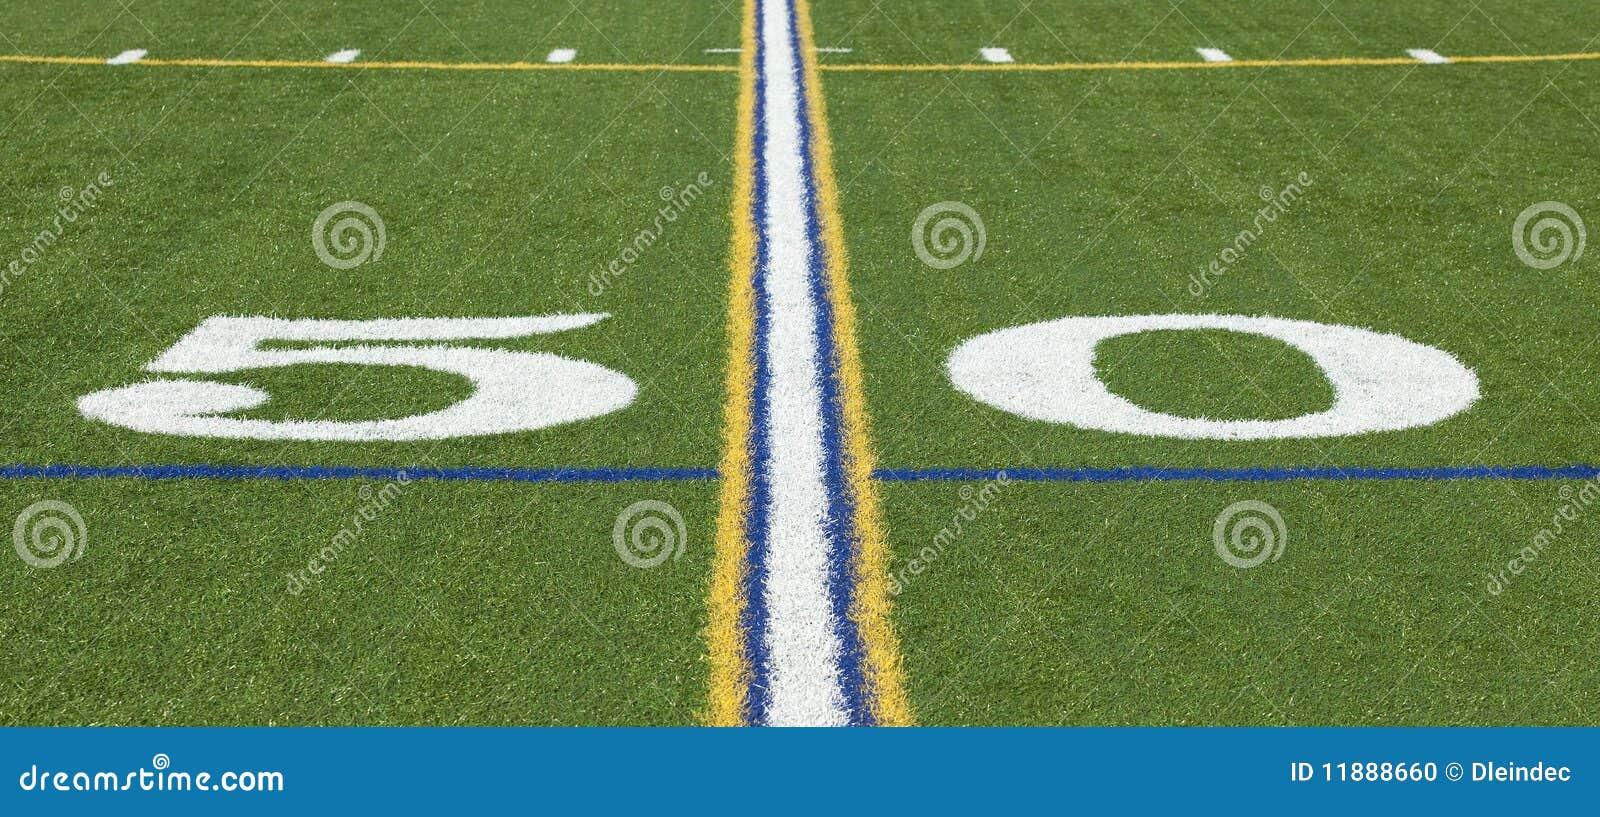 Ligne du yard 50 sur un terrain de football